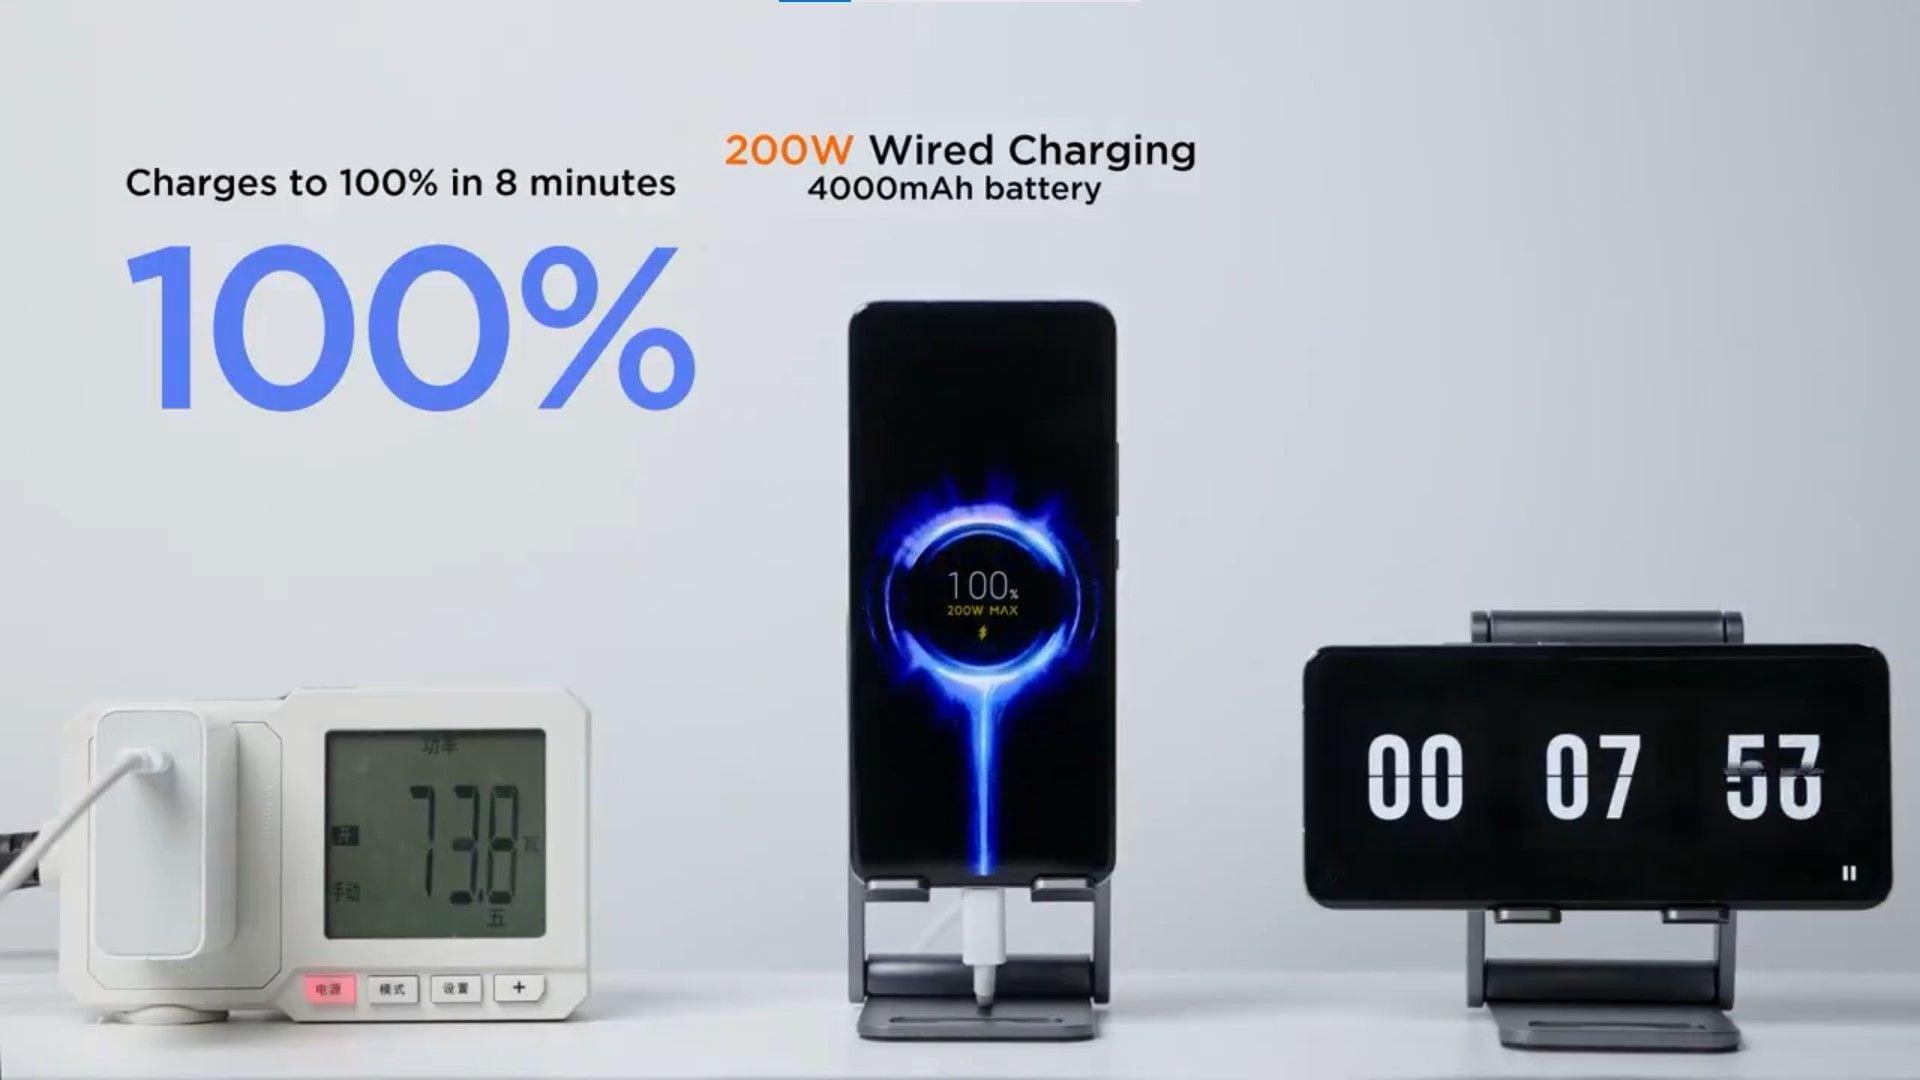 Xiaomi Dévoile La Technologie Hypercharge De 200 W, Charge Complètement